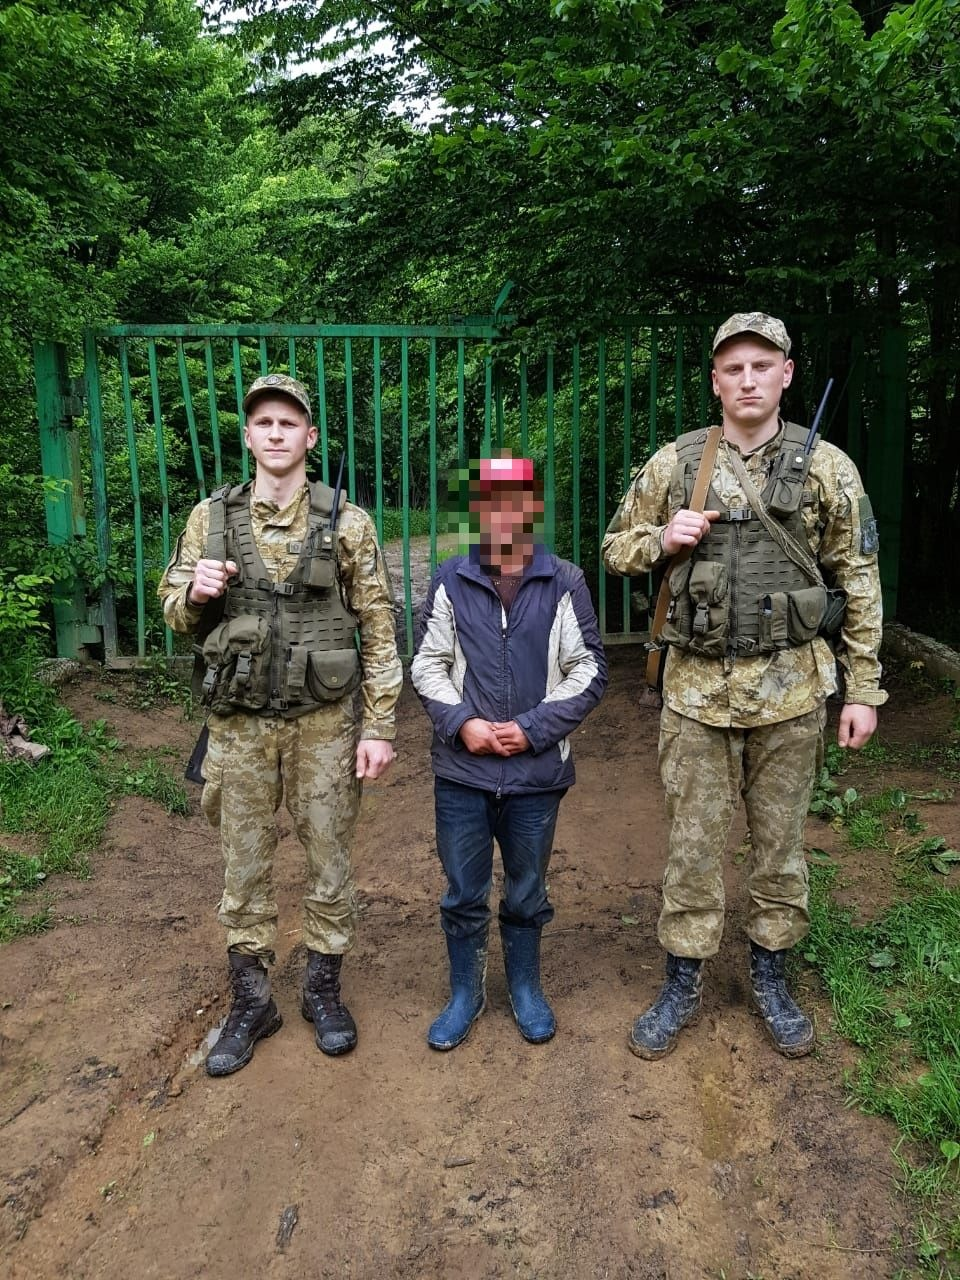 Громадянина Румунії, який, втративши орієнтування, незаконно потрапив на територію України виявили учора прикордонники відділення «Ракош» Мукачівського загону.